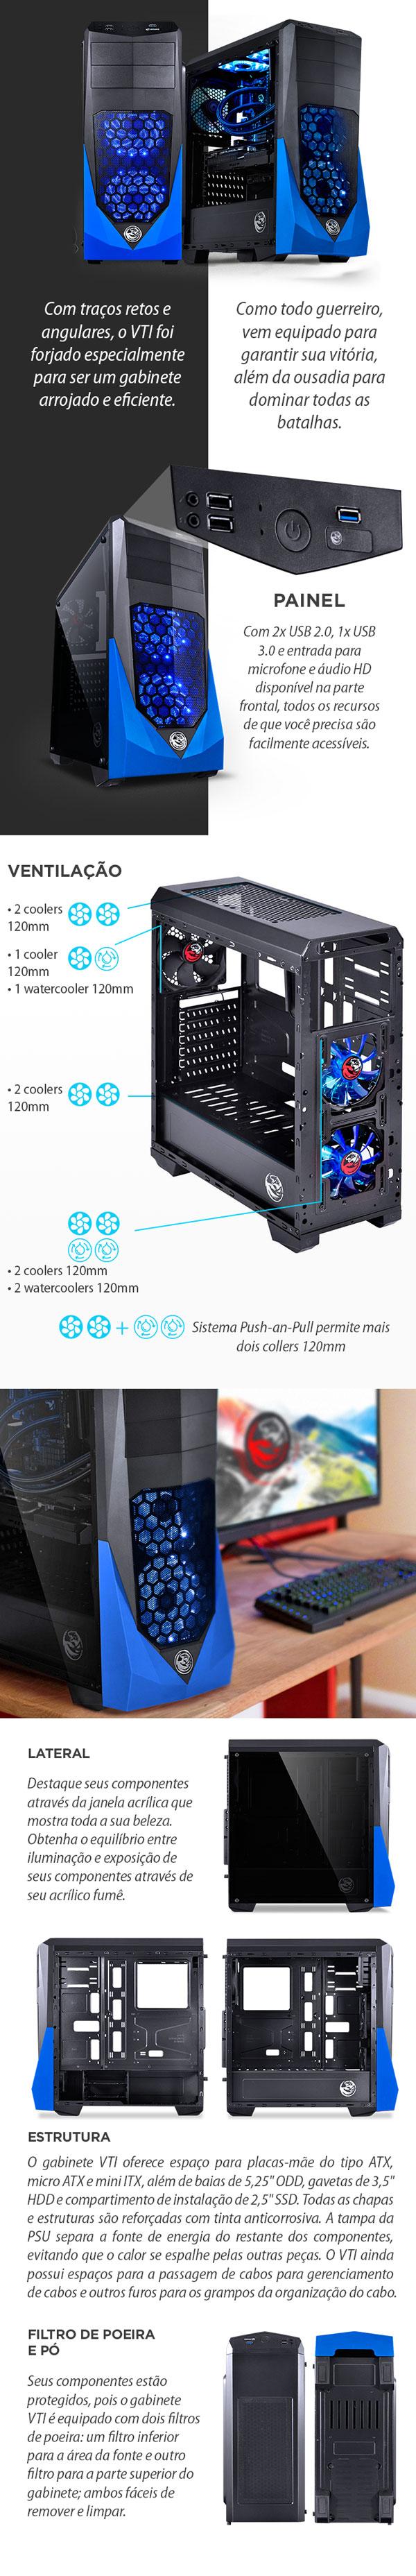 Gabinete gamer PCYES VTI preto e azul